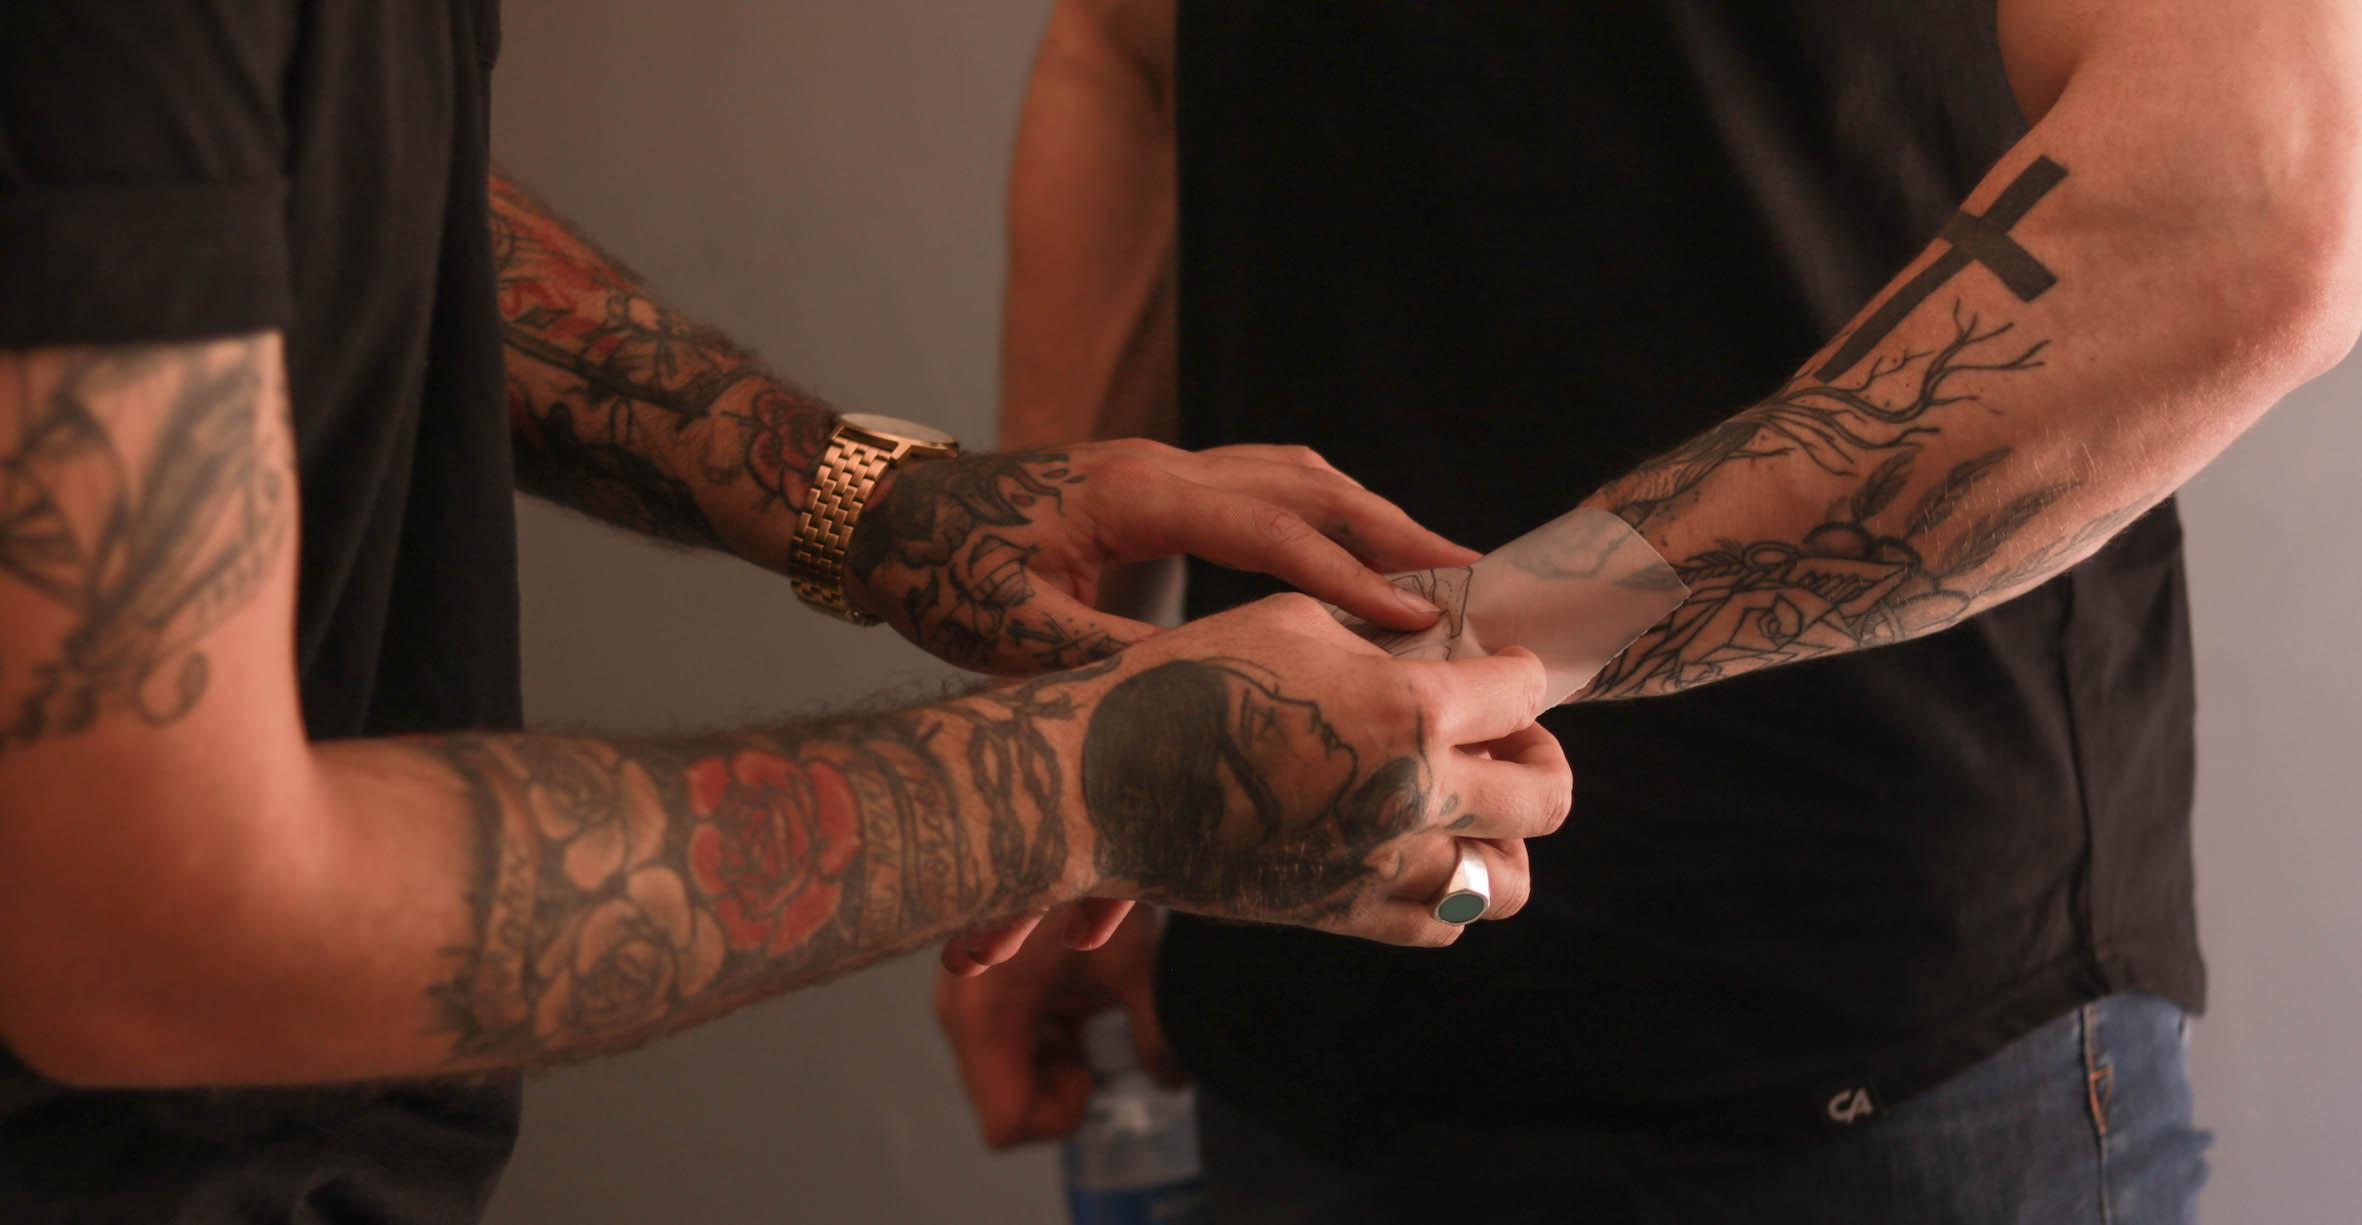 Meet our featured tattoo artist of the week, Mason Murdey